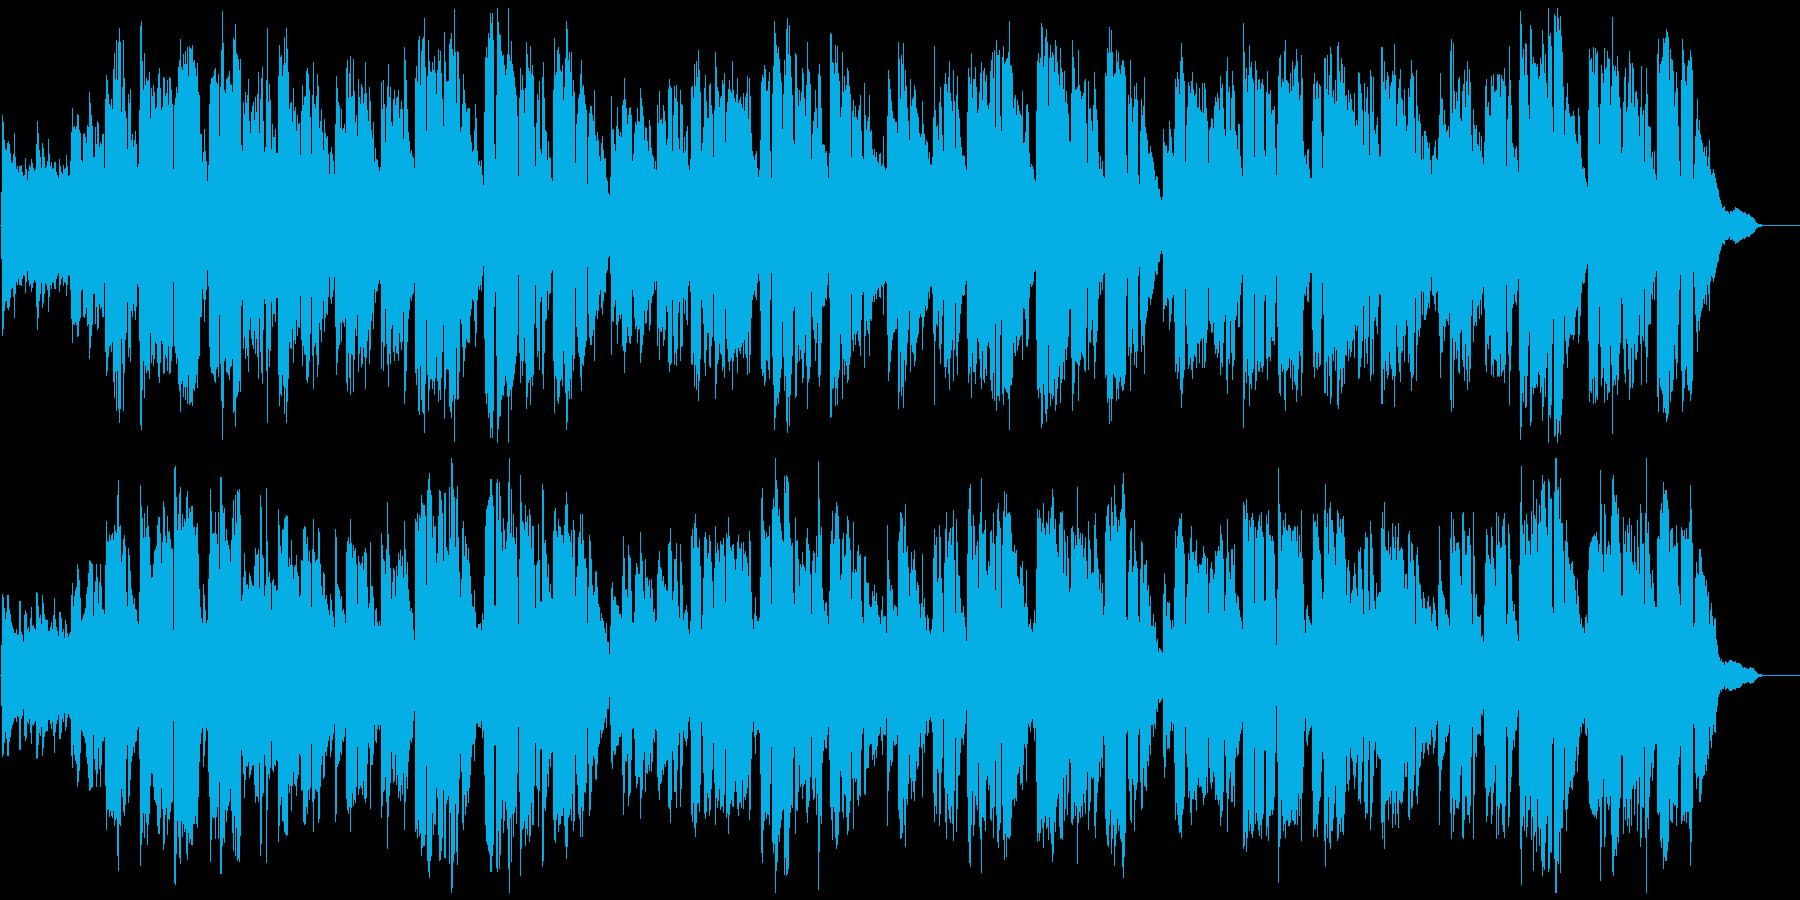 「ふるさと」ピアノ伴奏と女性ボーカルの再生済みの波形